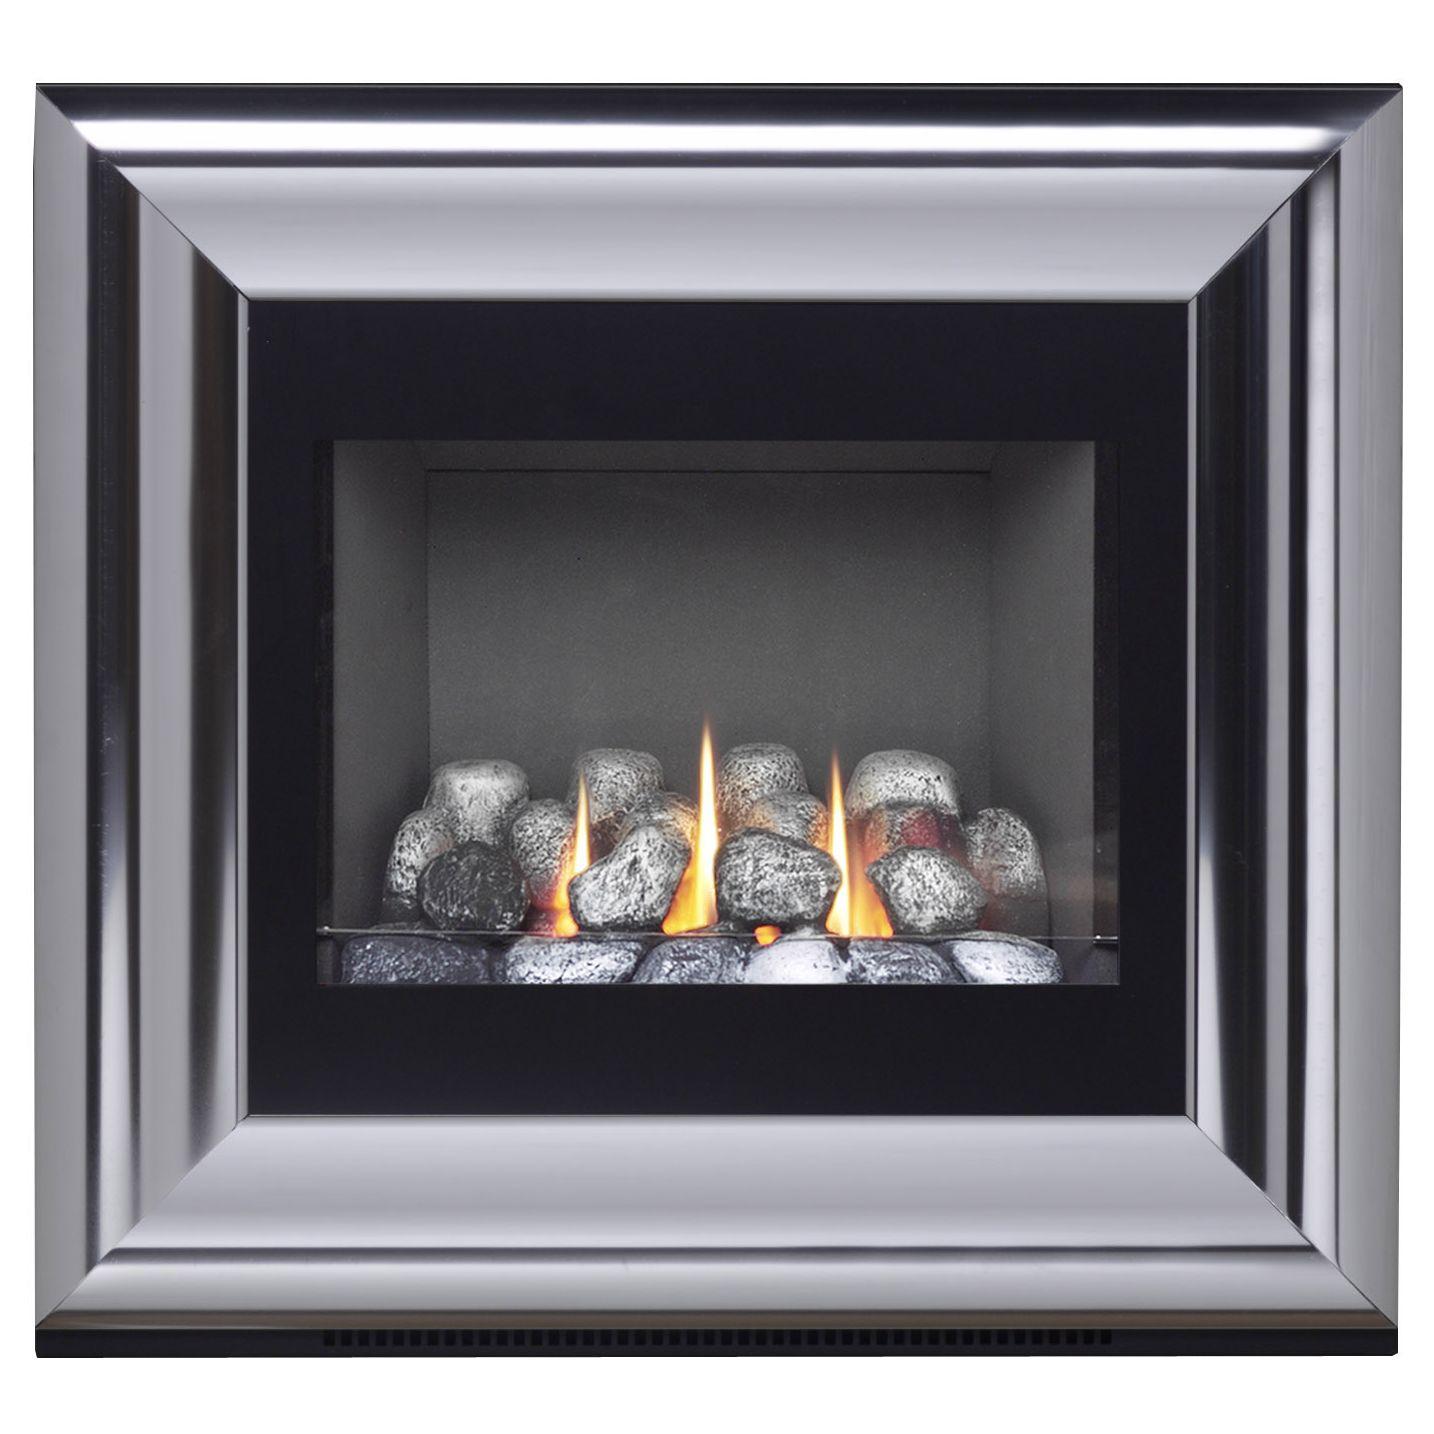 Flueless Gas Fires: Best UK Deals On Heating